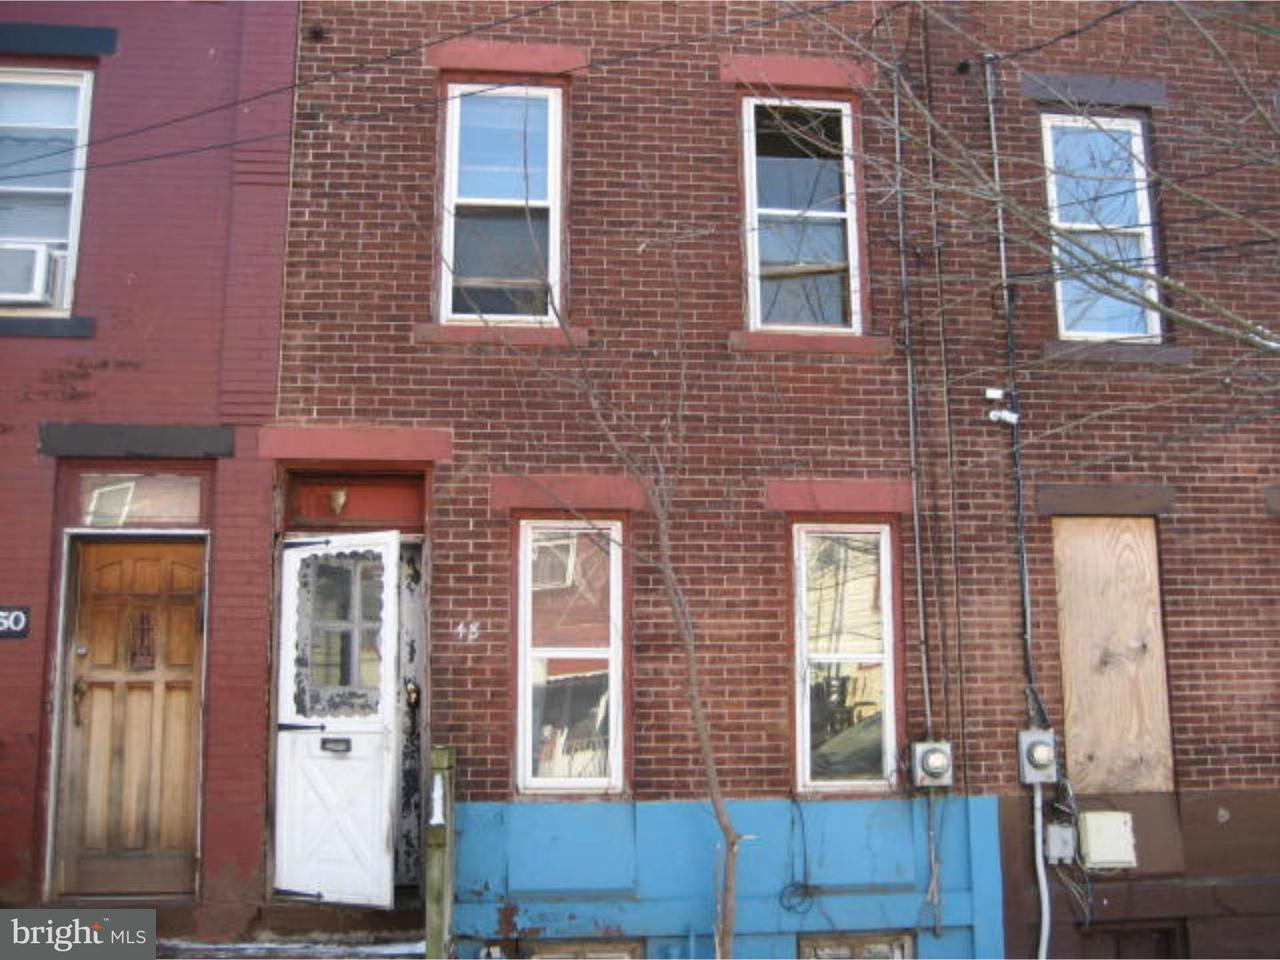 联栋屋 为 出租 在 48 MECHANICS Avenue 特伦顿, 新泽西州 08638 美国在/周边: Trenton City